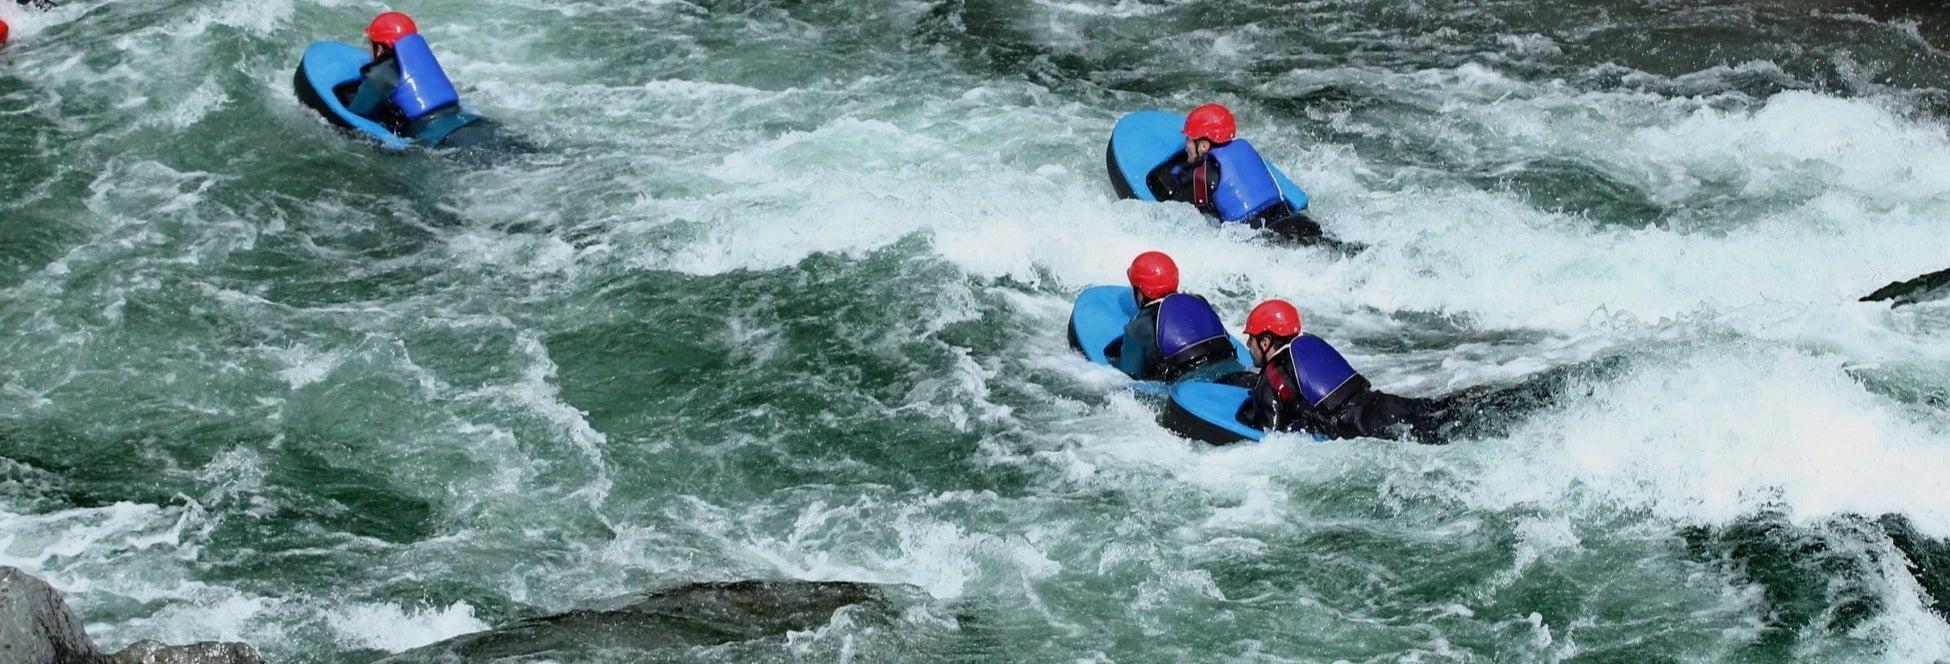 Hidrospeed en el río Noguera Pallaresa